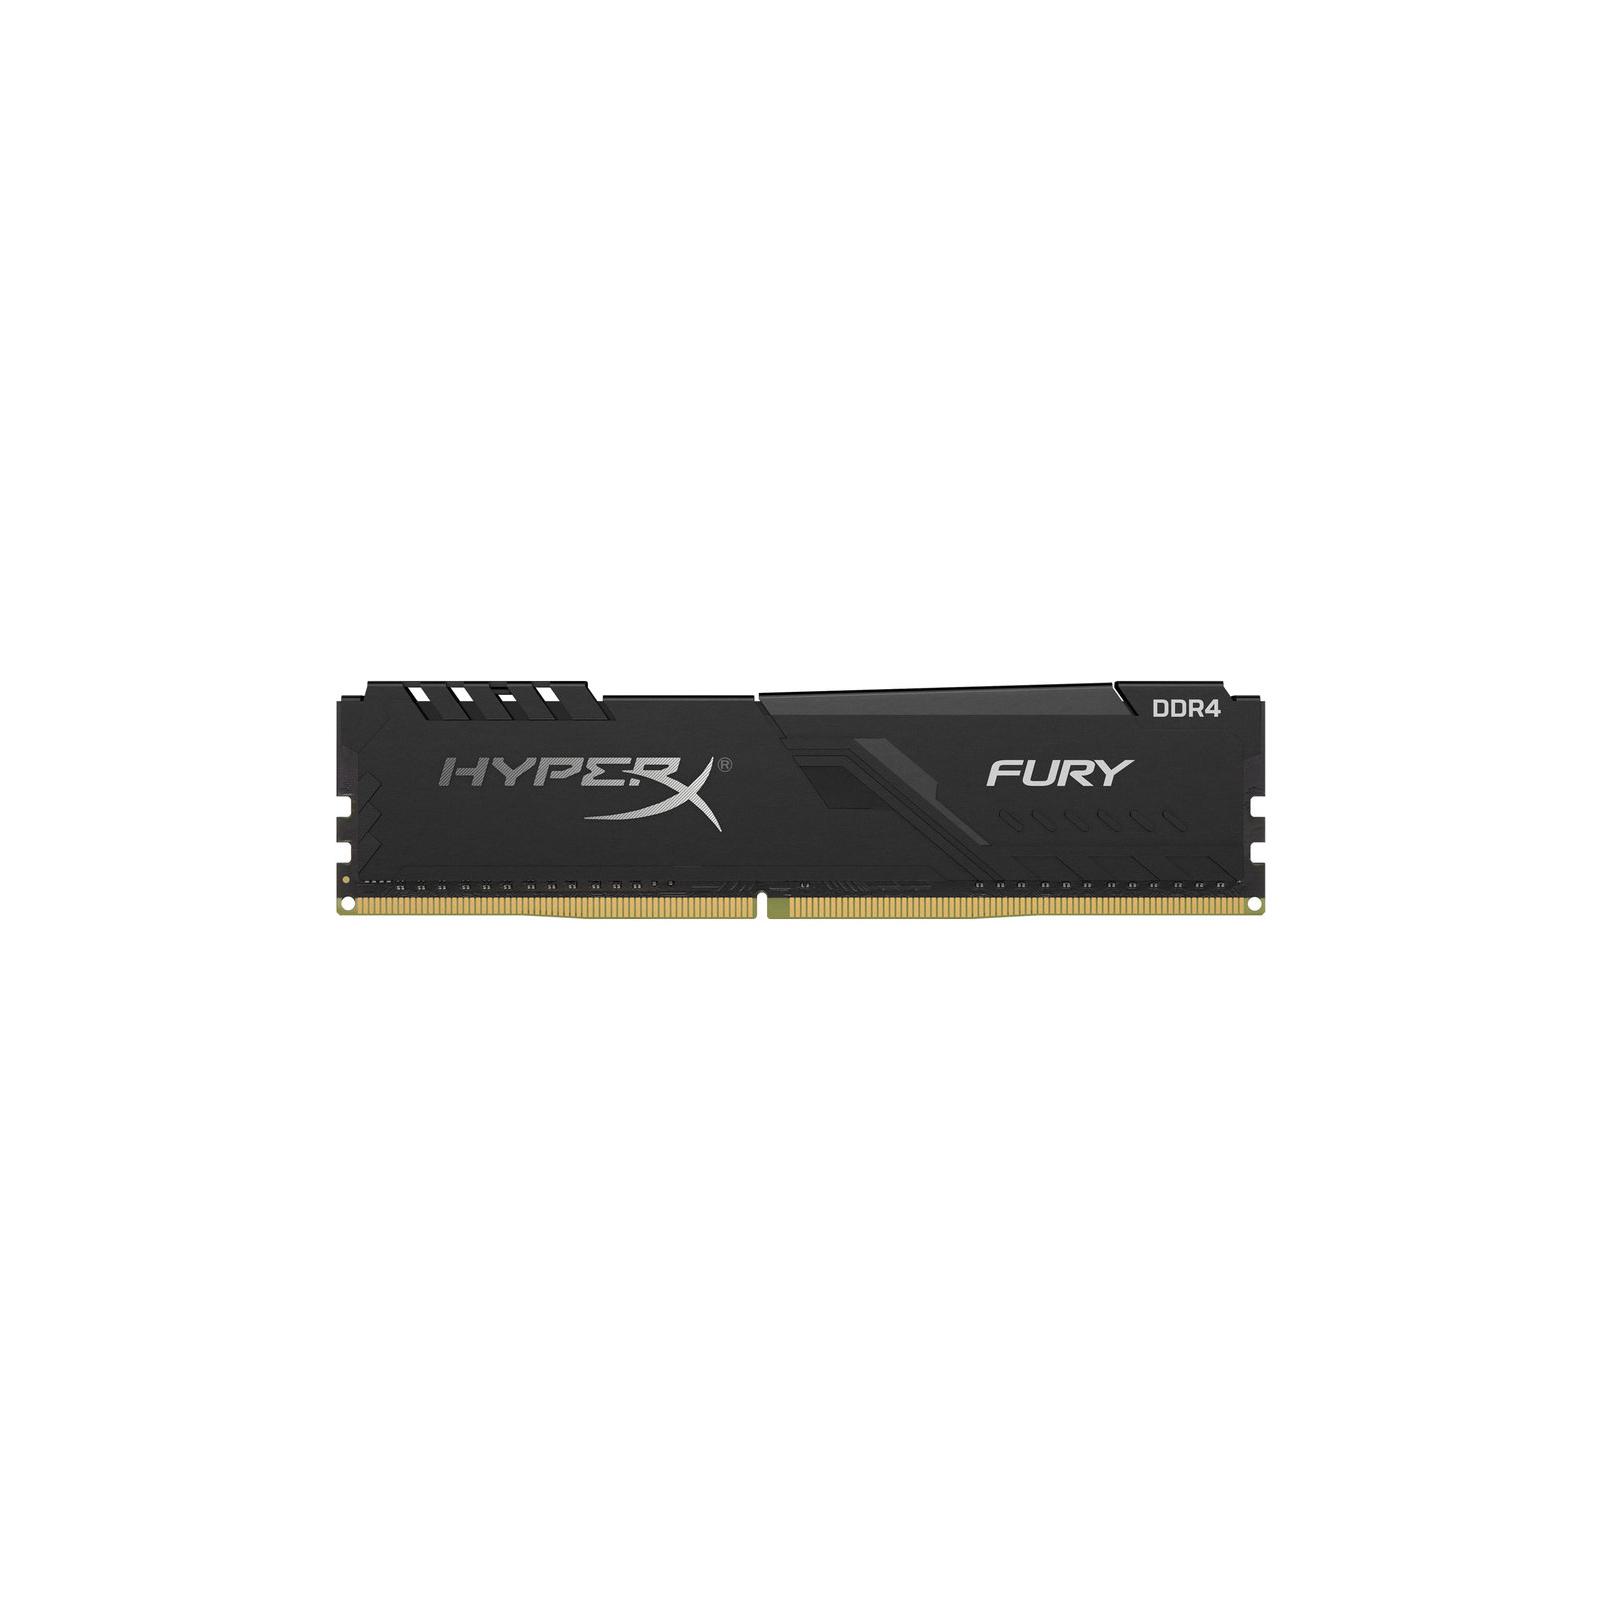 Модуль пам'яті для комп'ютера DDR4 16GB 3200 MHz Fury Black Kingston (HX432C16FB4/16)